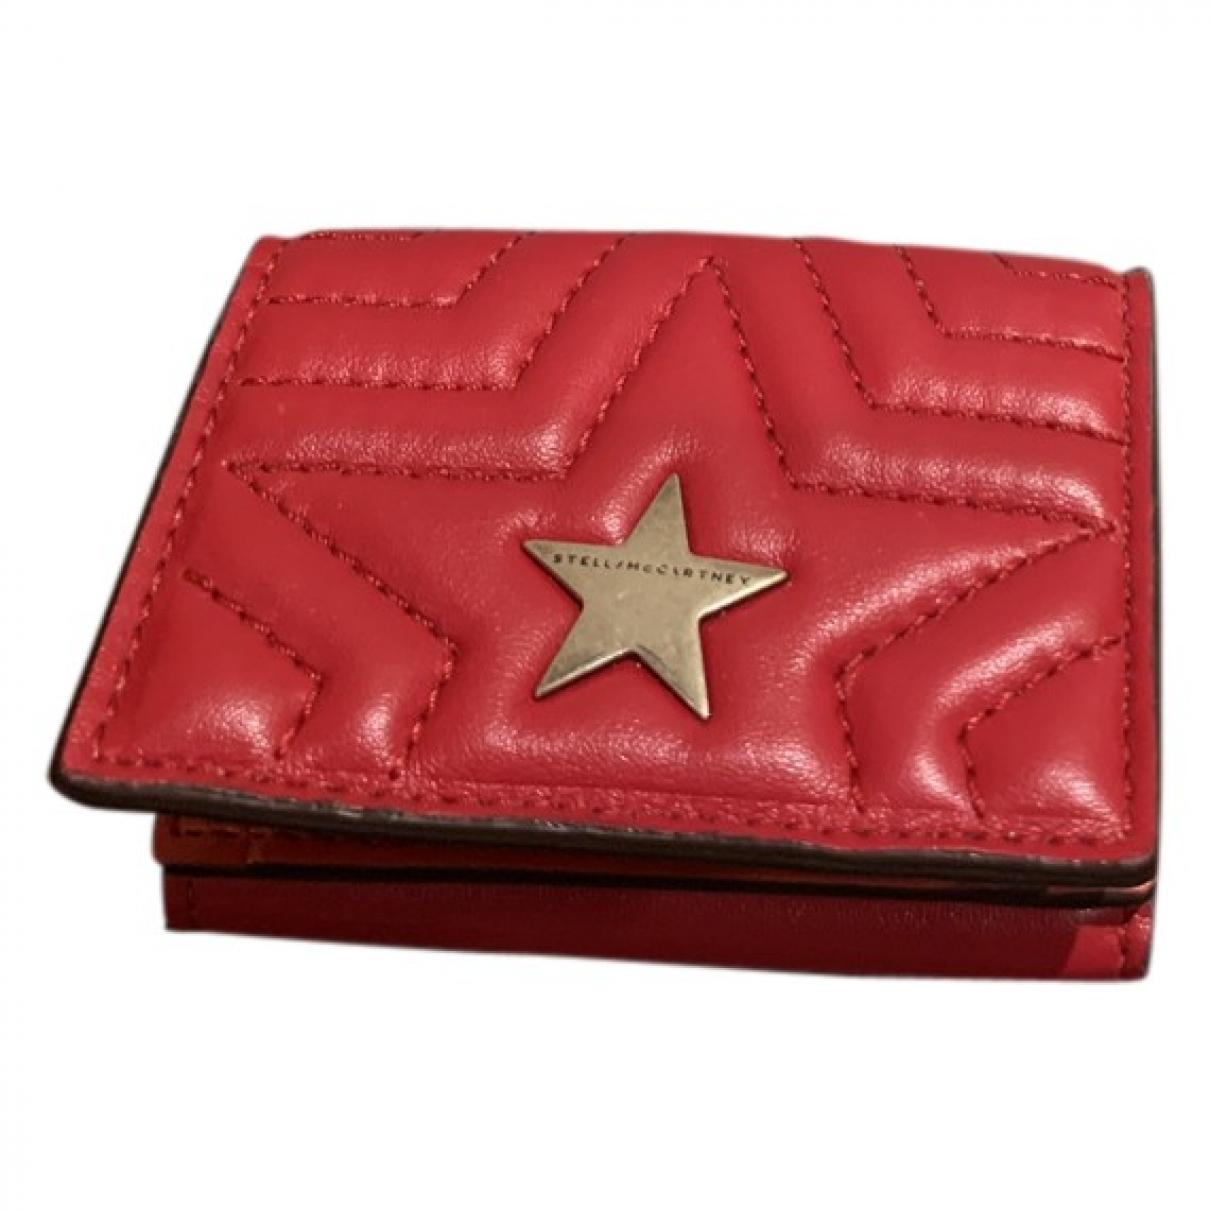 Stella Mccartney - Portefeuille   pour femme - rouge